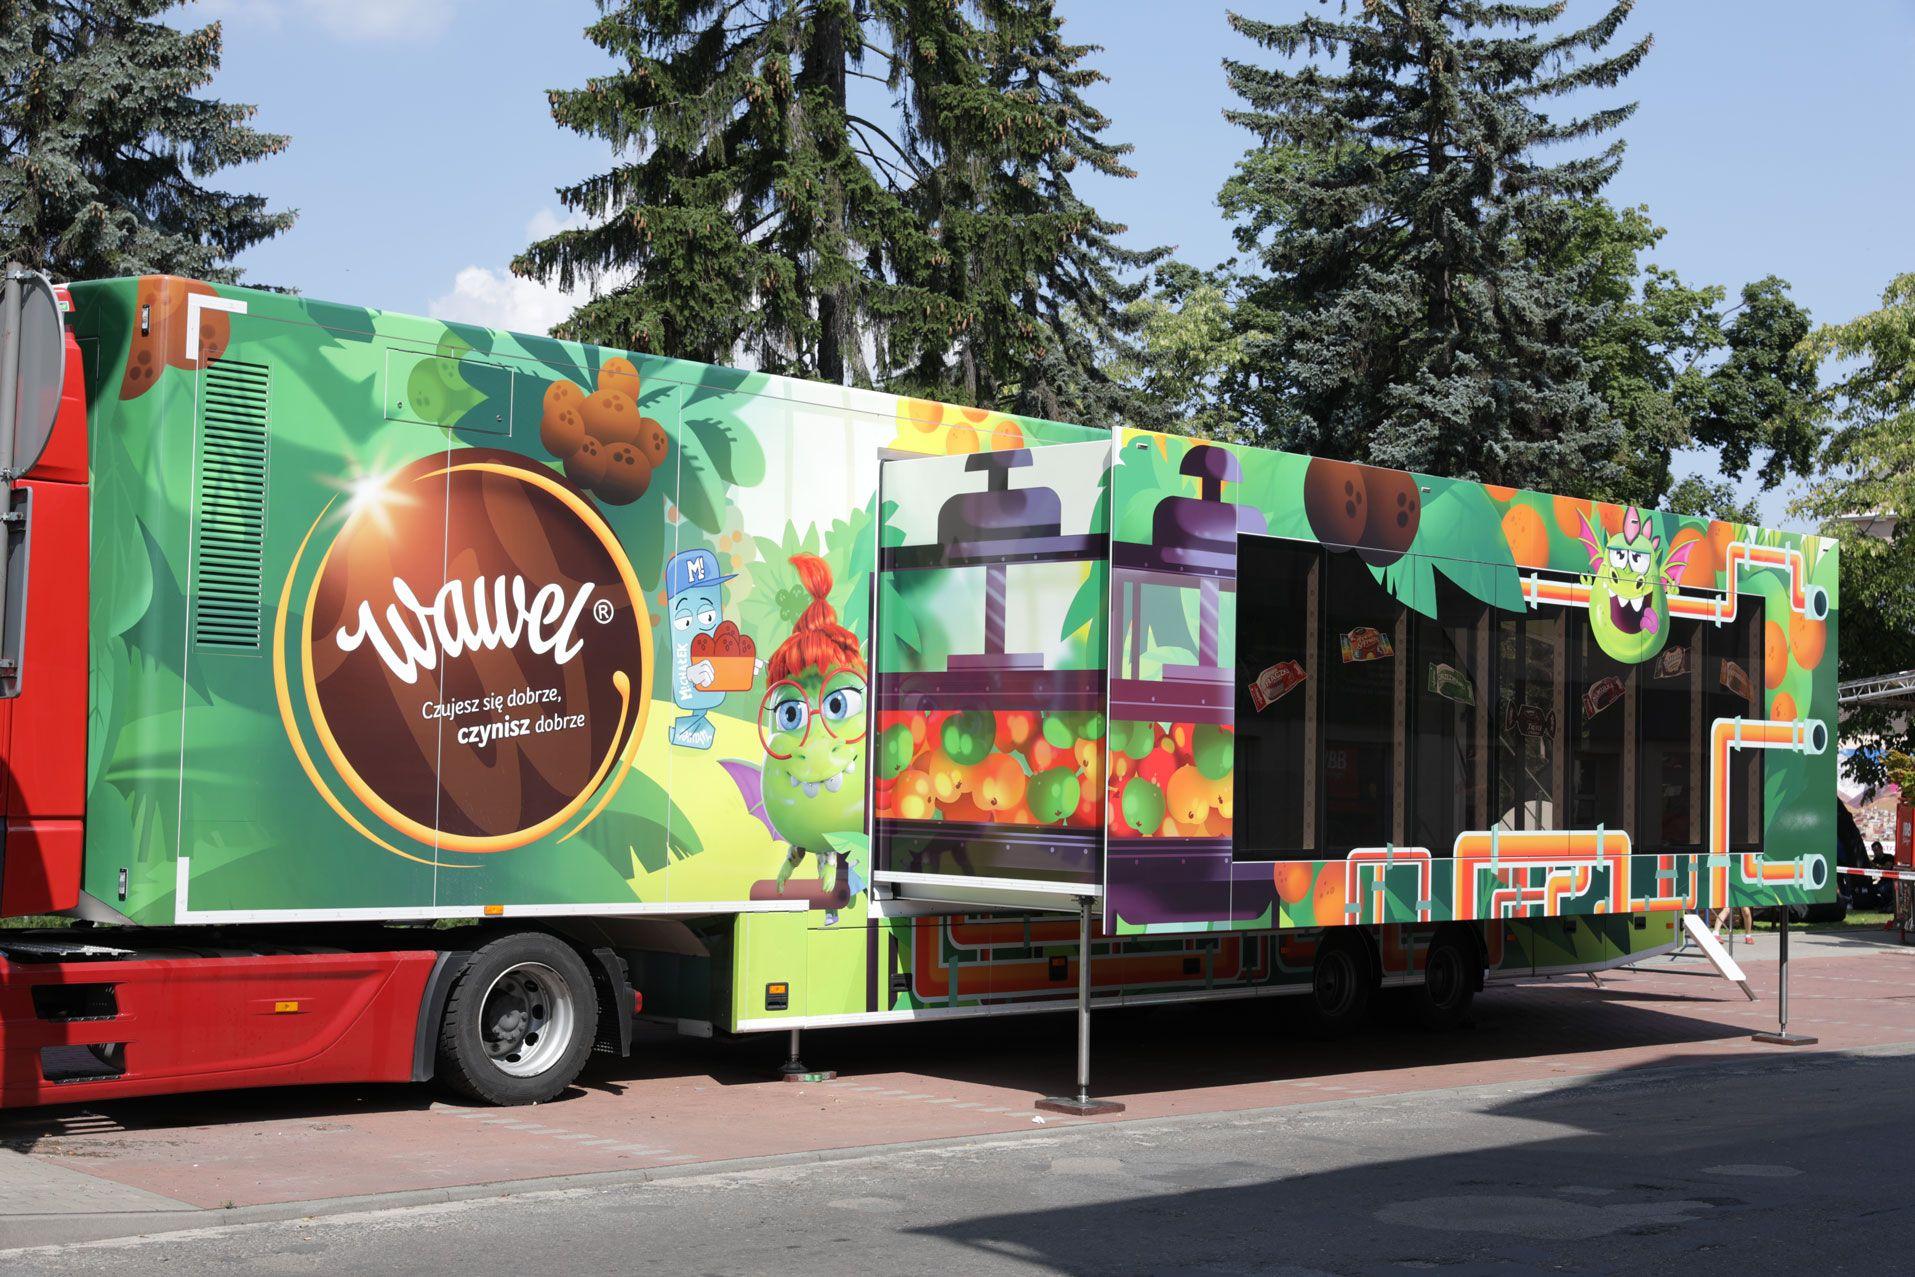 Wawel Truck wyruszył w Polskę! Słodka, interaktywna ciężarówka odwiedzi Kęty